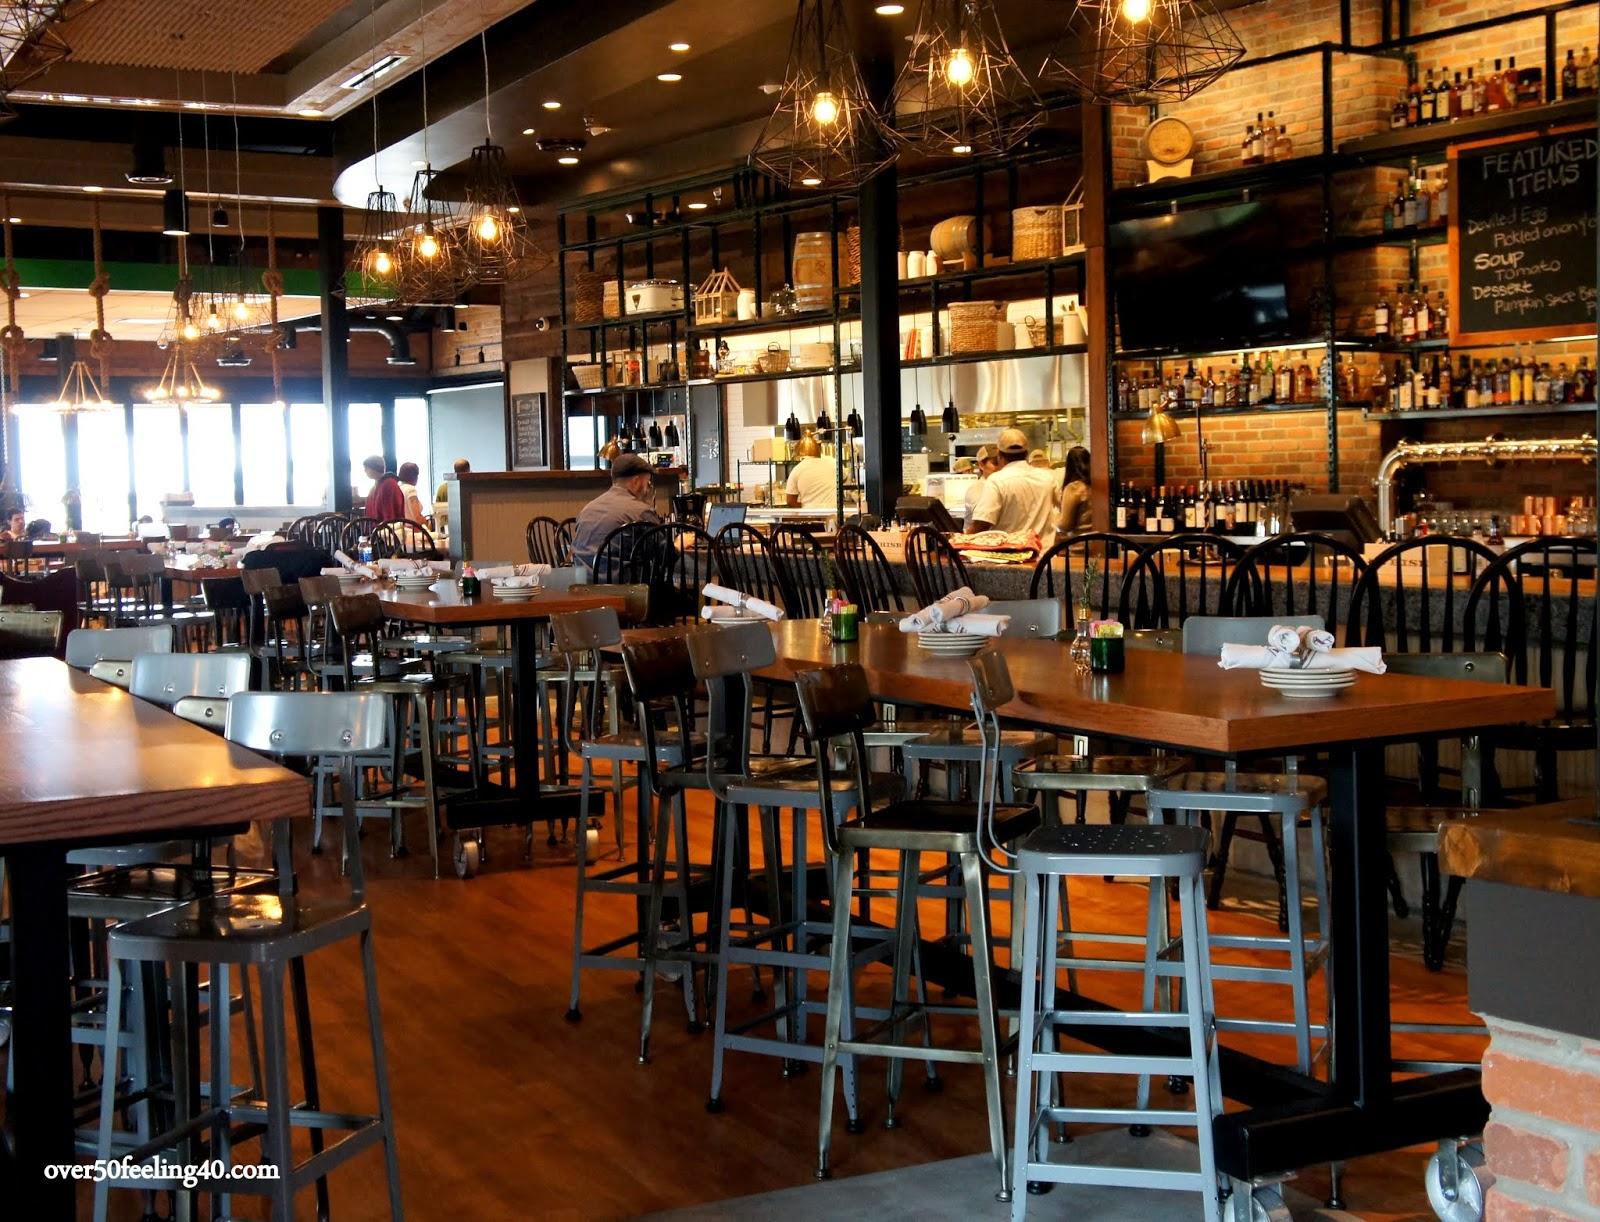 First Course Restaurant San Antonio